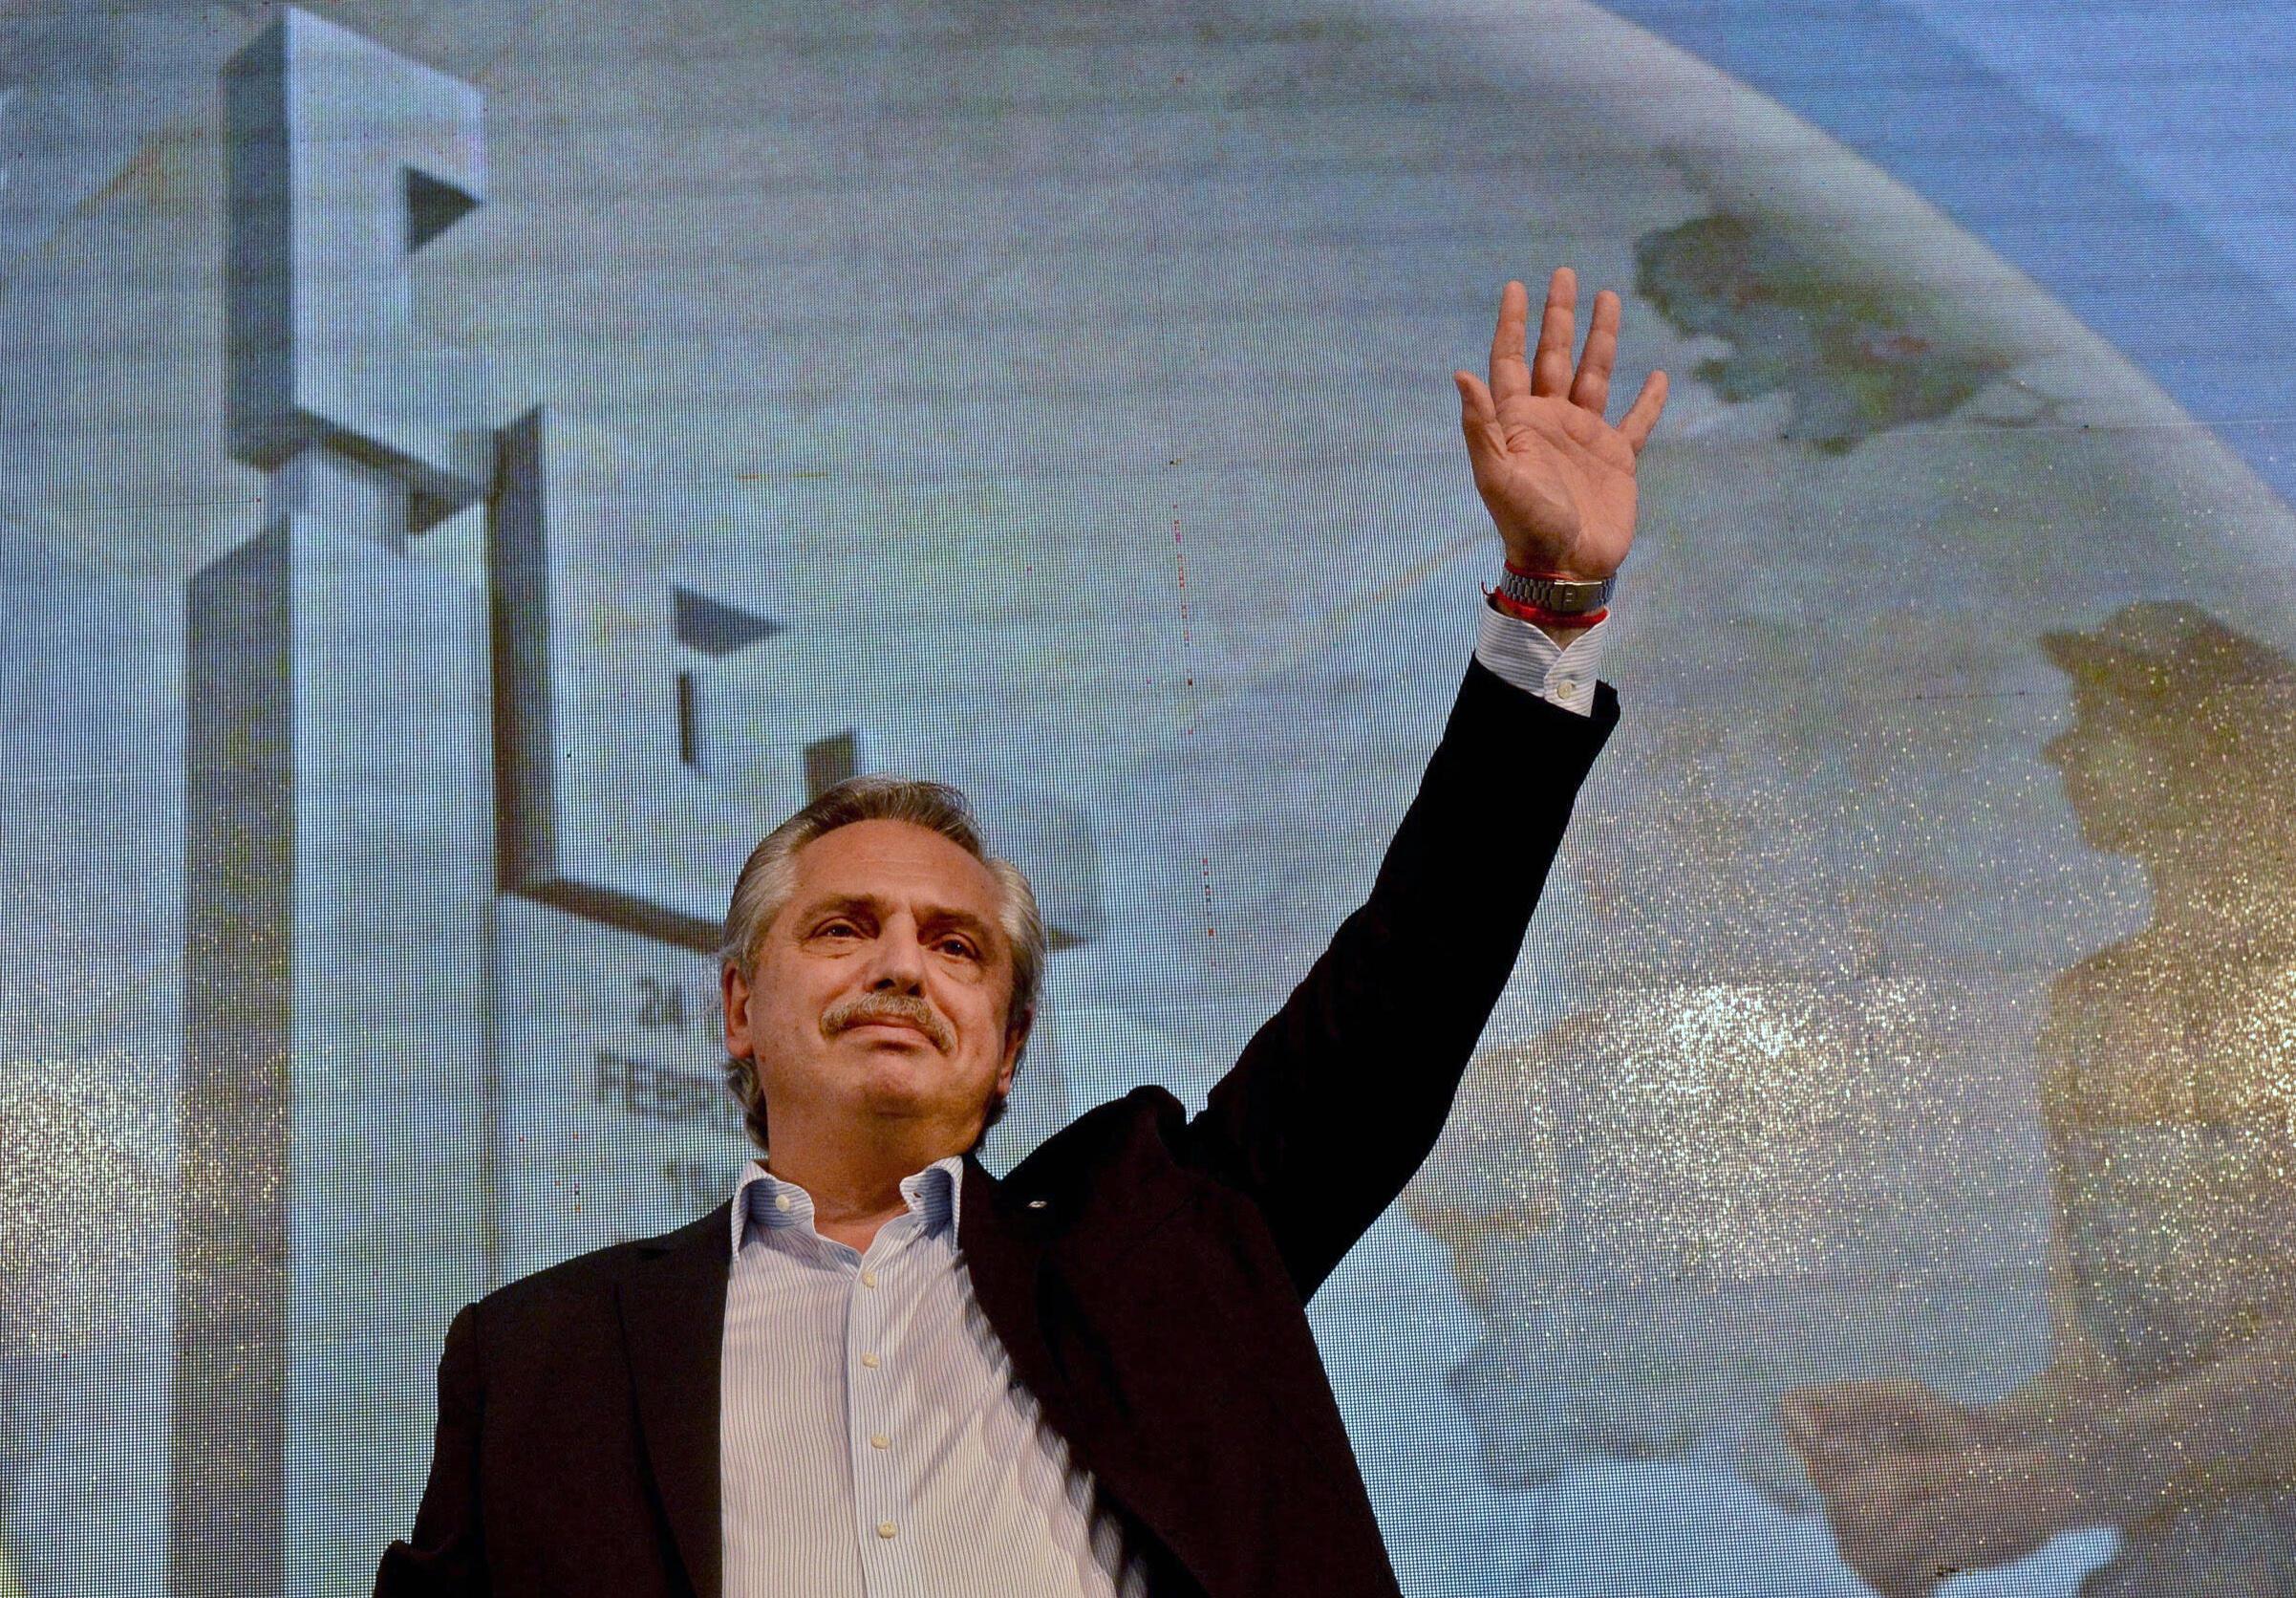 El presidente argentino Alberto Fernández, el 17 de octubre de 2020 en Buenos Aires